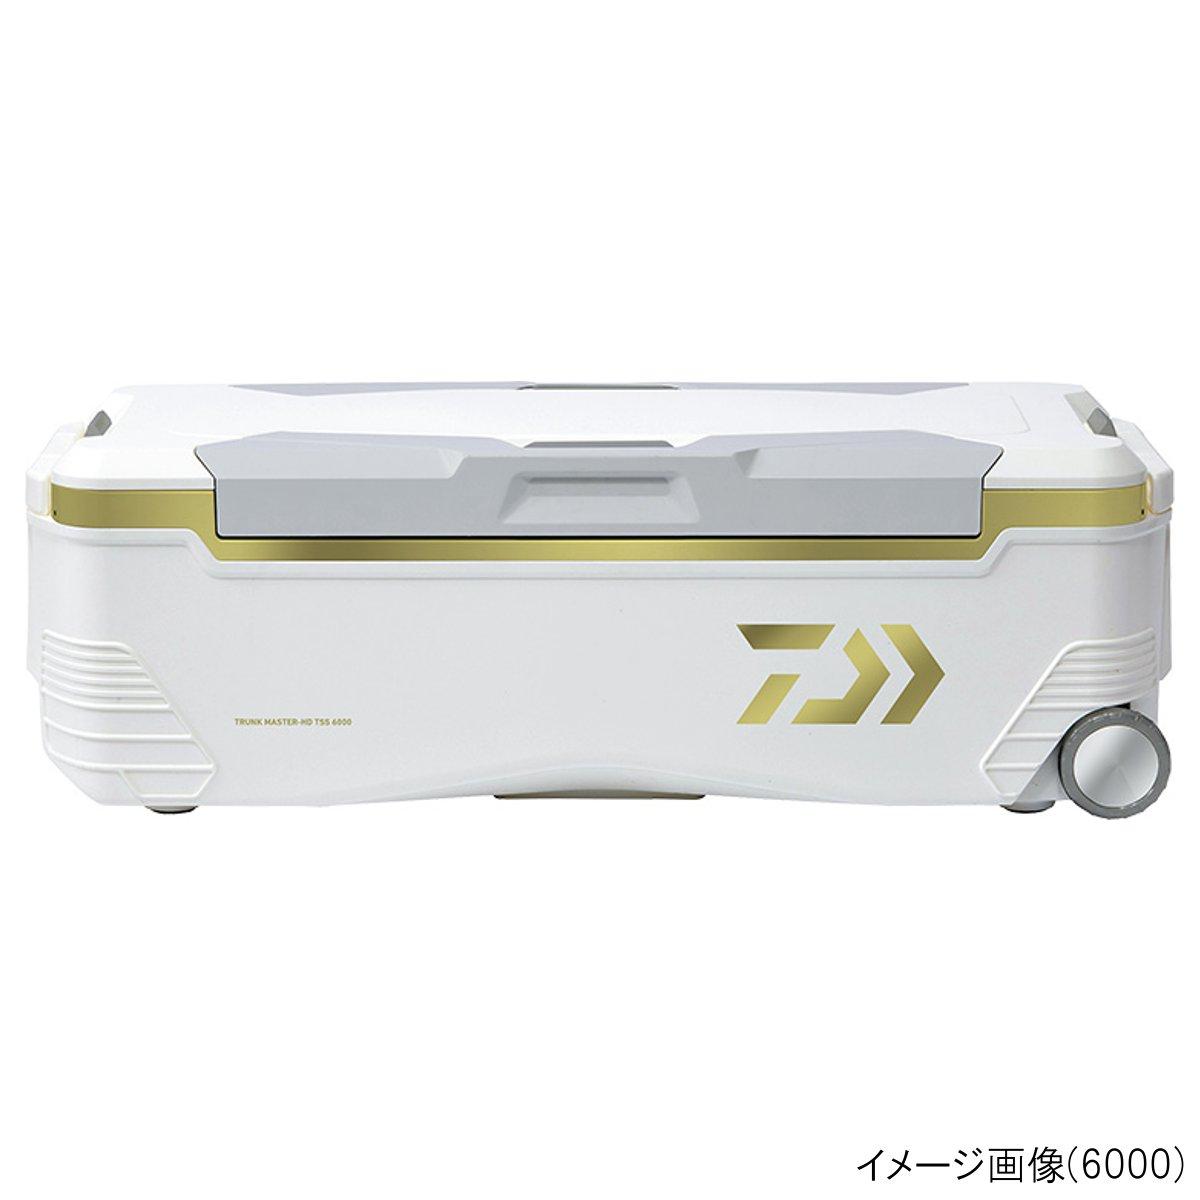 ダイワ トランクマスターHD TSS 4800 Sゴールド クーラーボックス【送料無料】